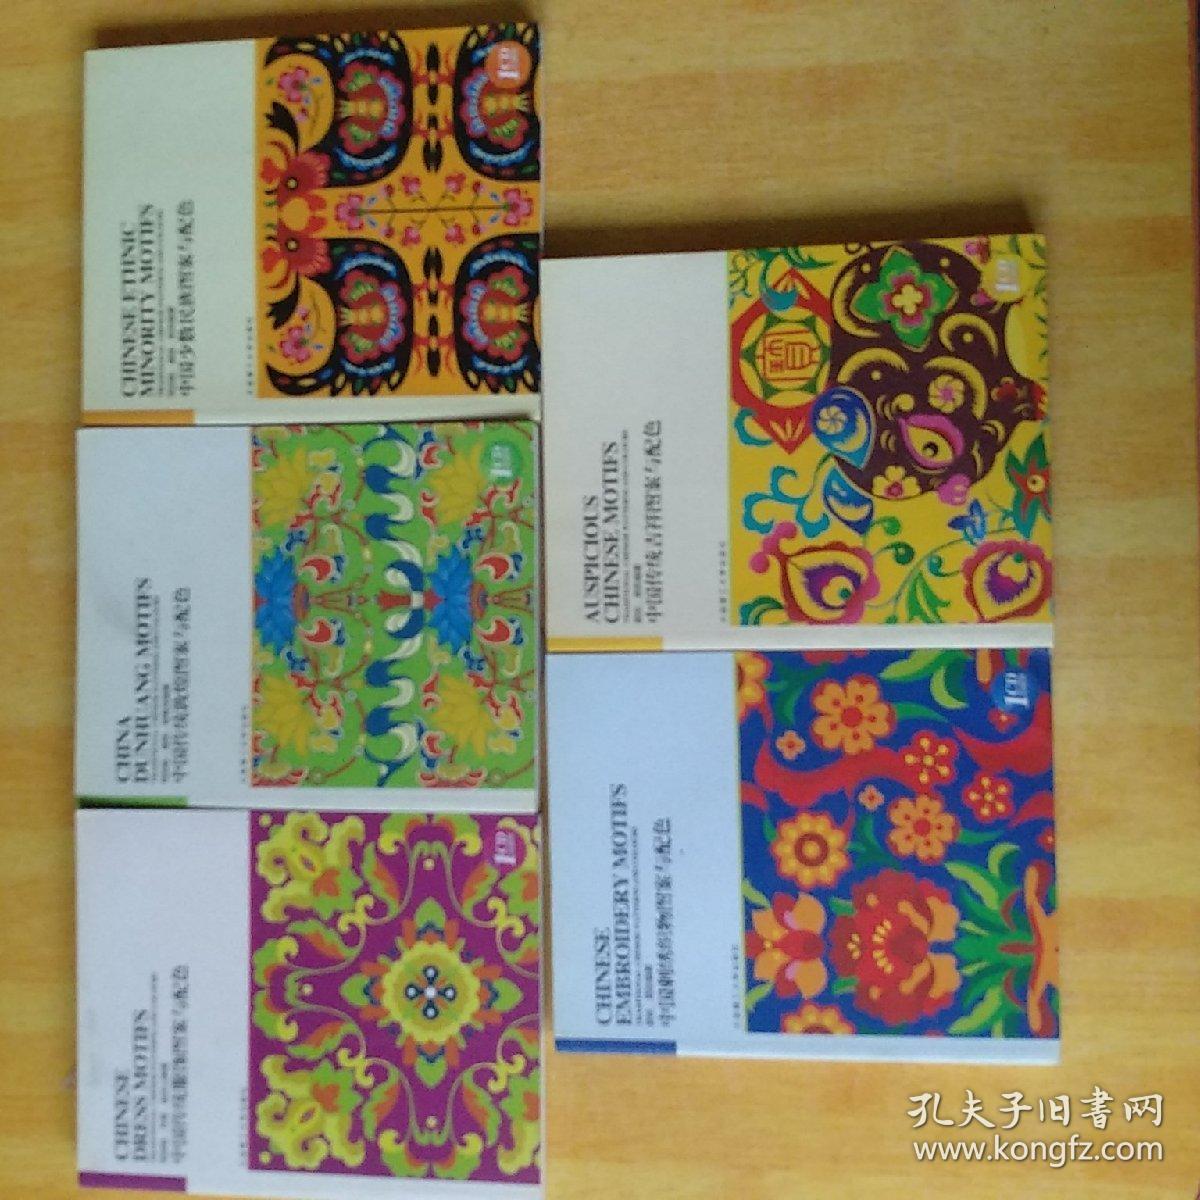 中国刺绣织物图案与配色 中国传统吉祥图案与配色 与图片